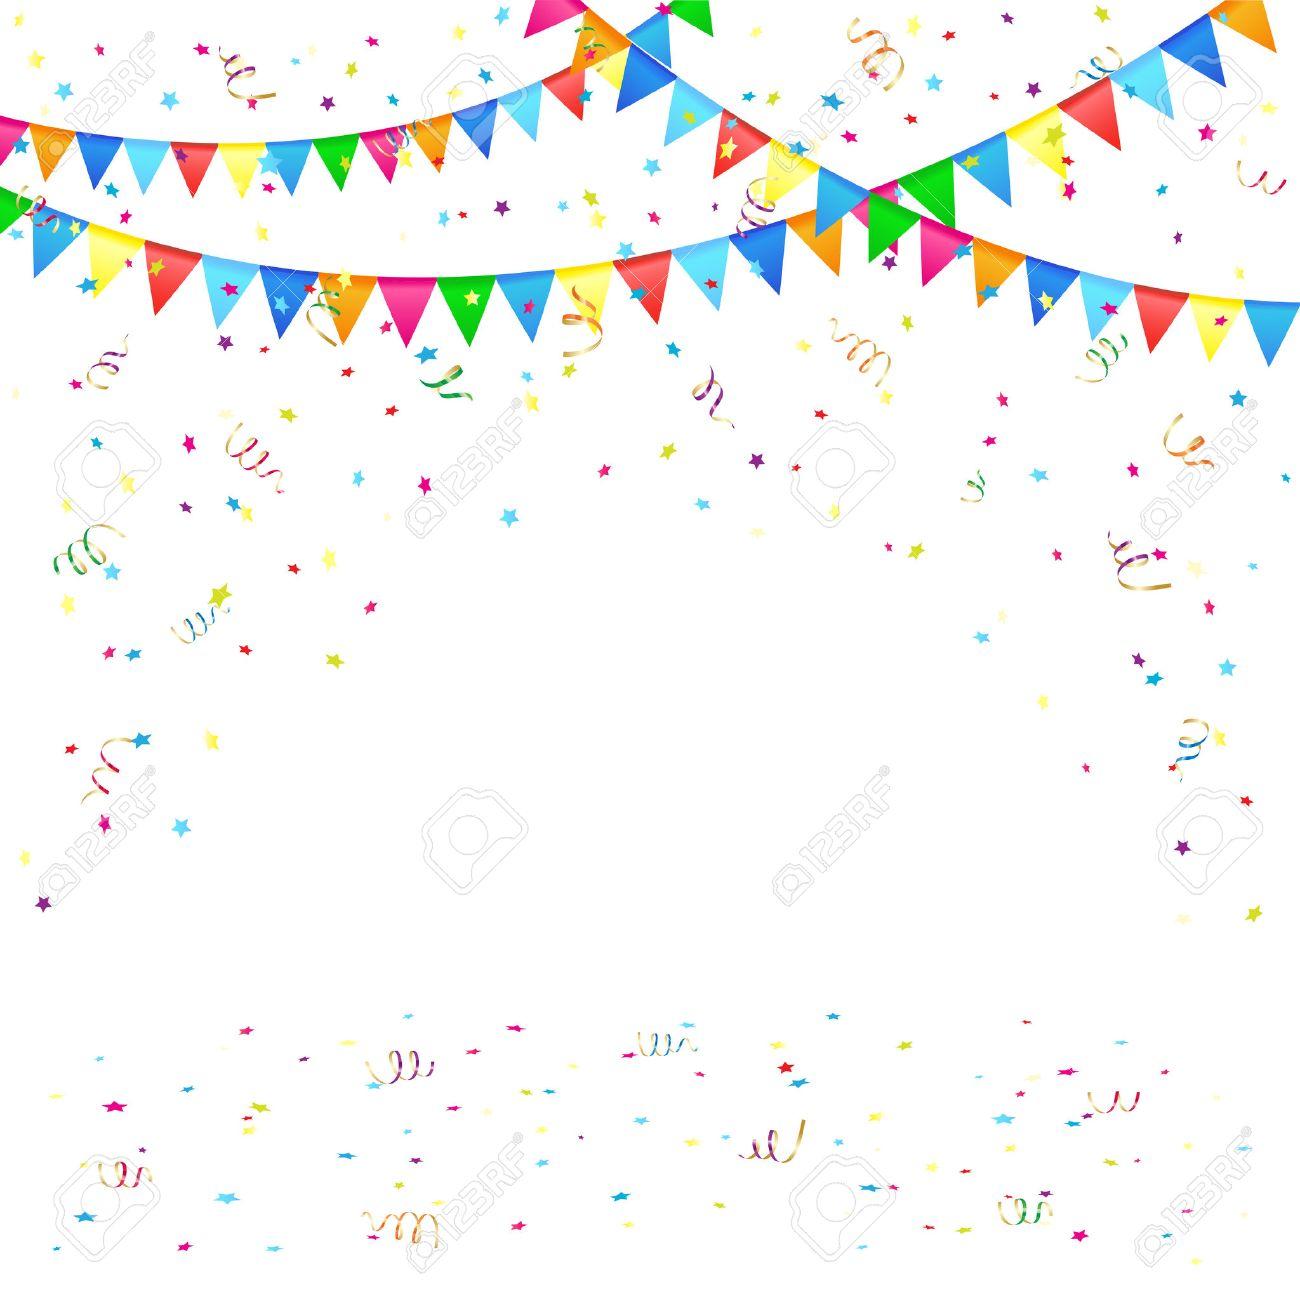 お祭りの背景色のペナントと紙吹雪、イラスト ロイヤリティフリー